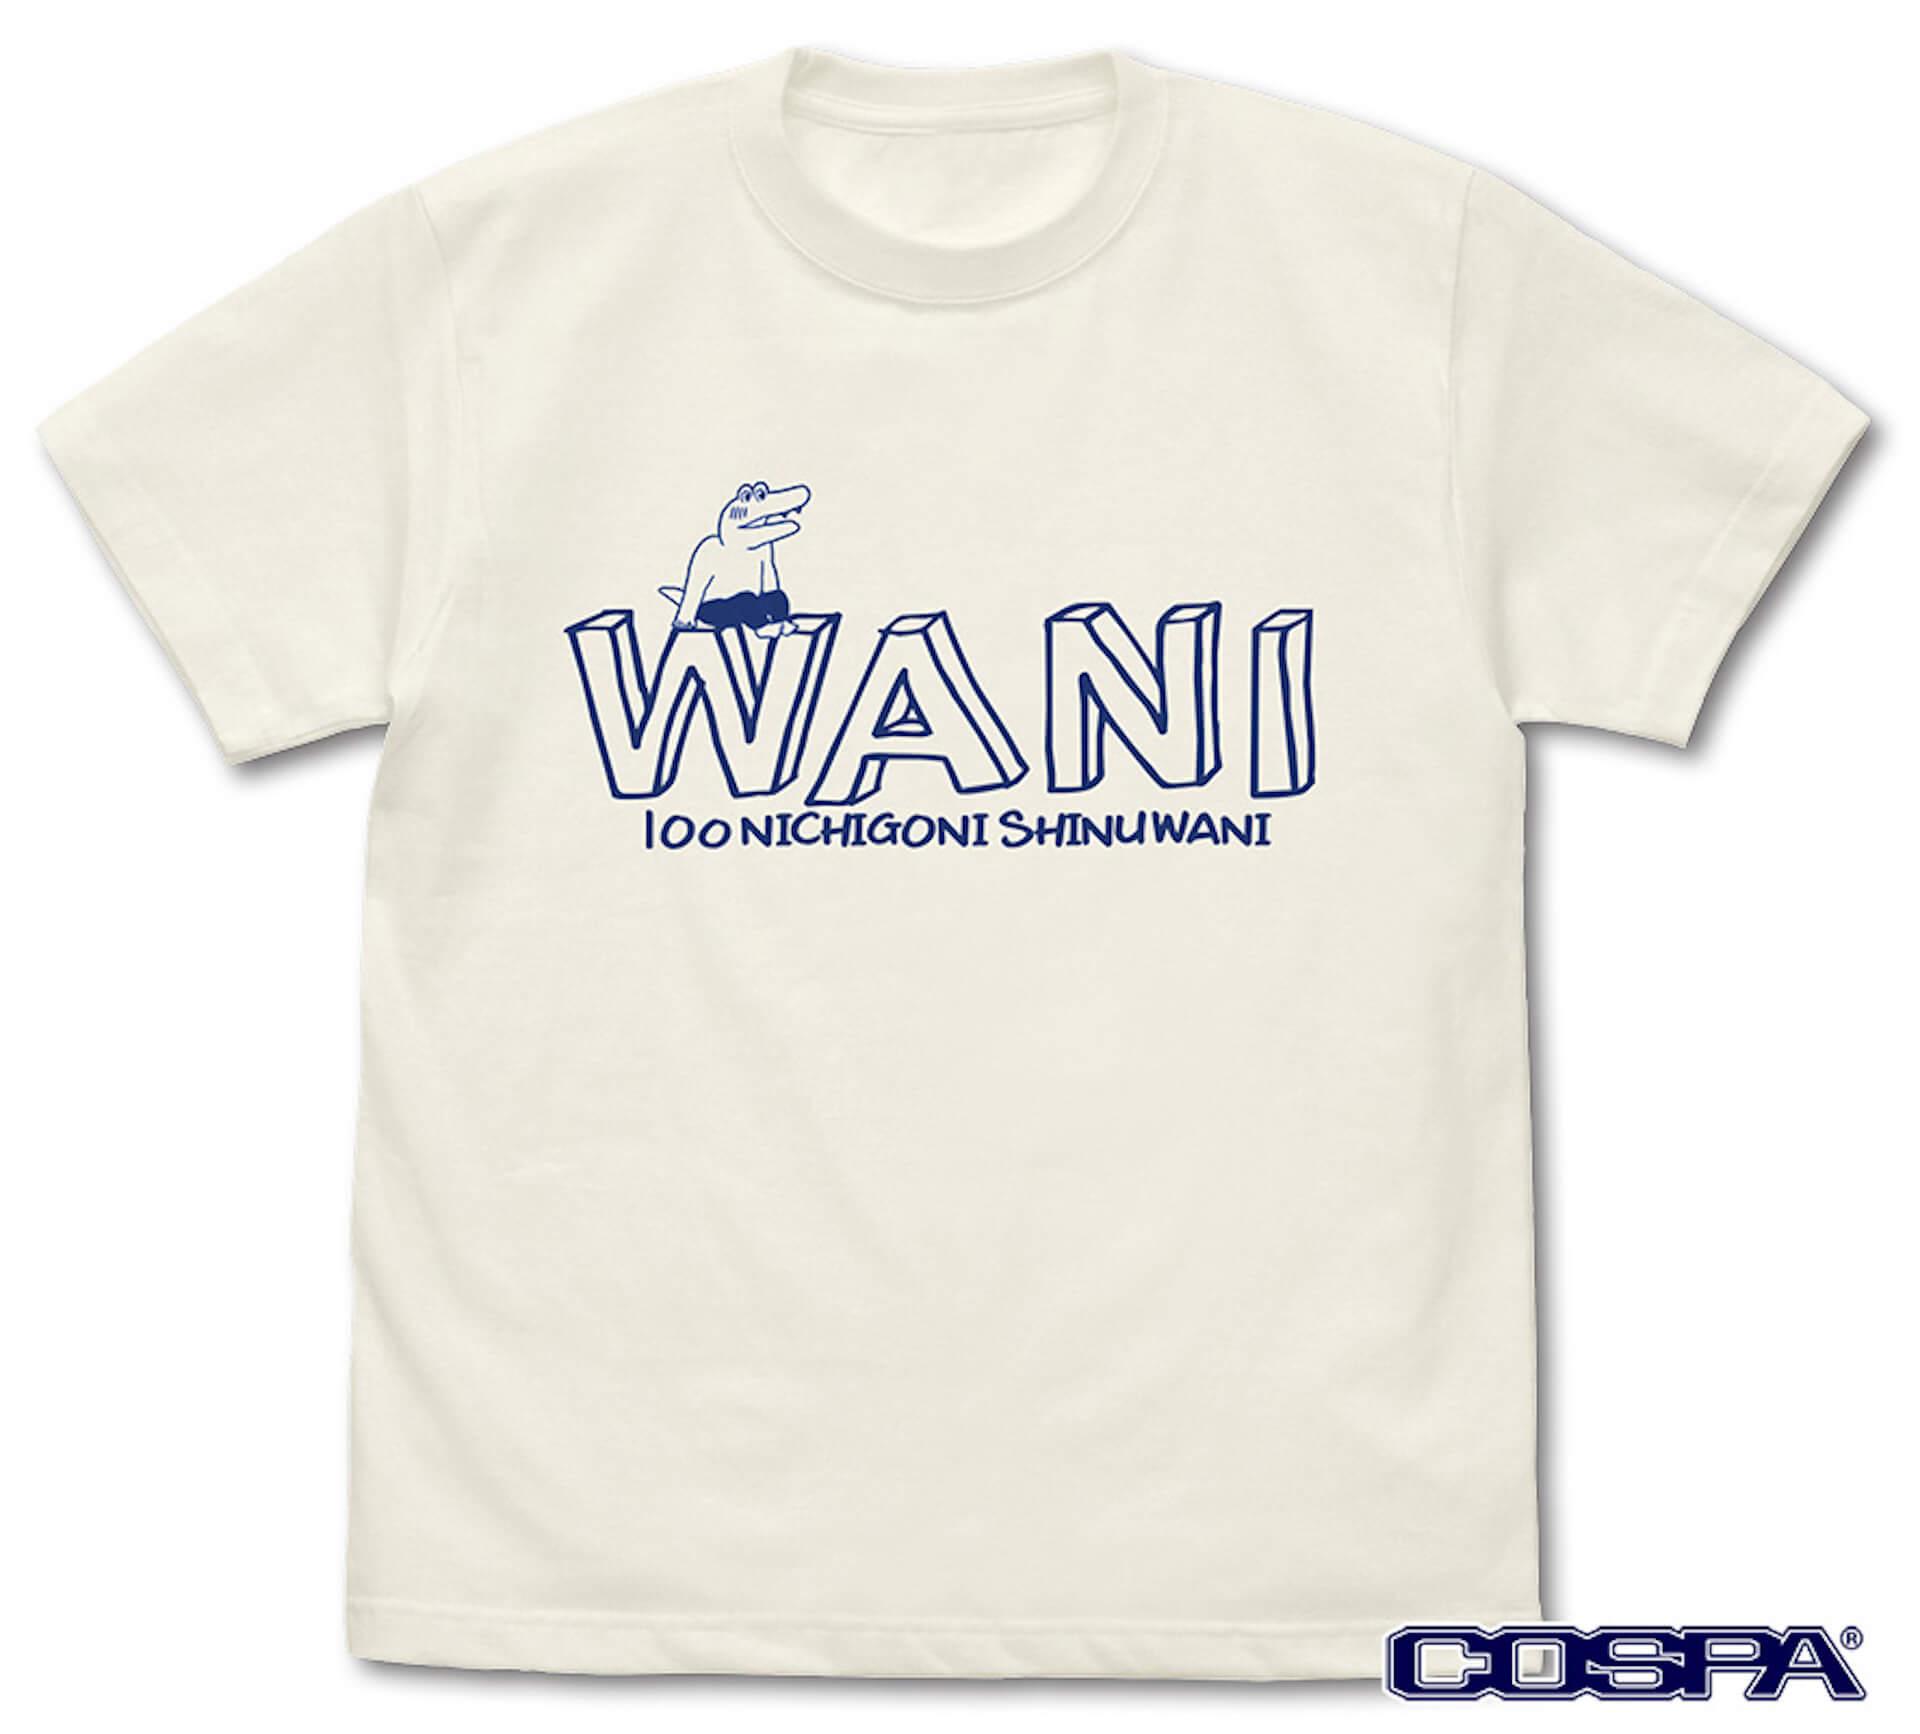 Twitterで超大人気の『100日後に死ぬワニ』グッズがヴィレヴァンオンラインに登場!Tシャツやキーホルダーなど全12種 art200324_100wani_16